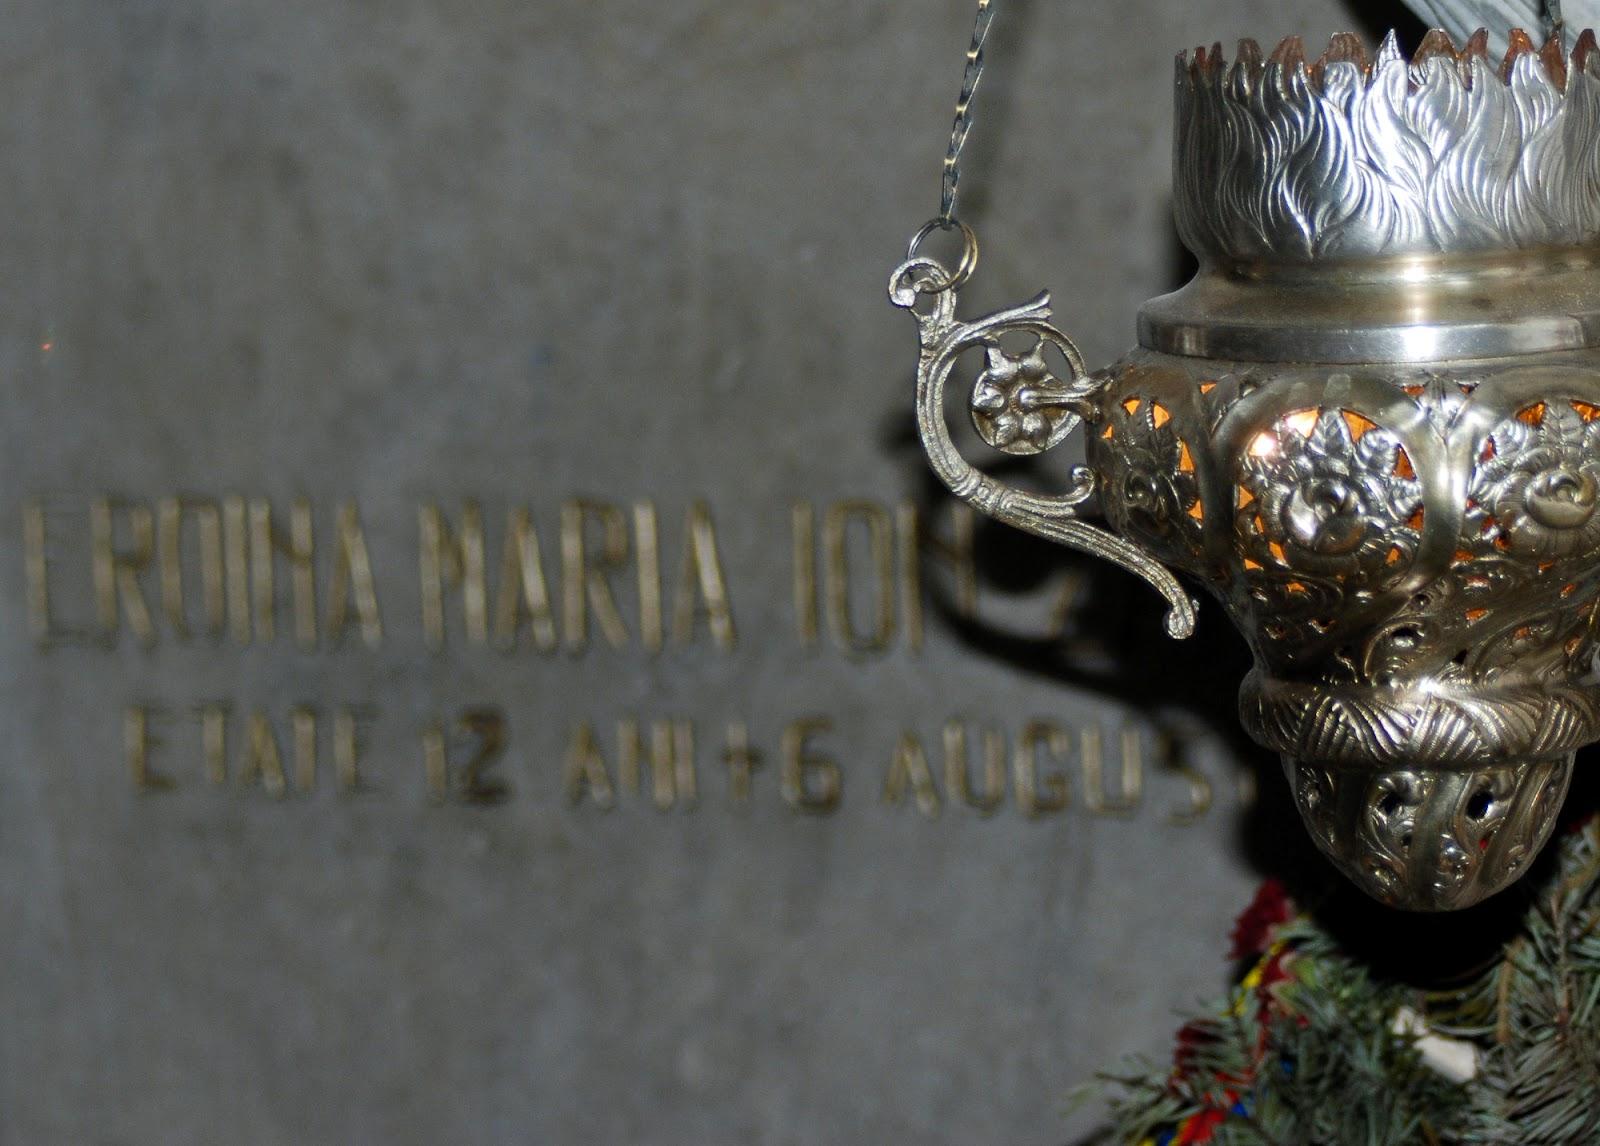 Mormântul Măriucăi -fata de 12 ani ce a avut curajul sa se urce in nucul din spatele casei pentru a da informații soldaților români despre înaintarea trupelor germane. A fost doborâtă de un lunetist.